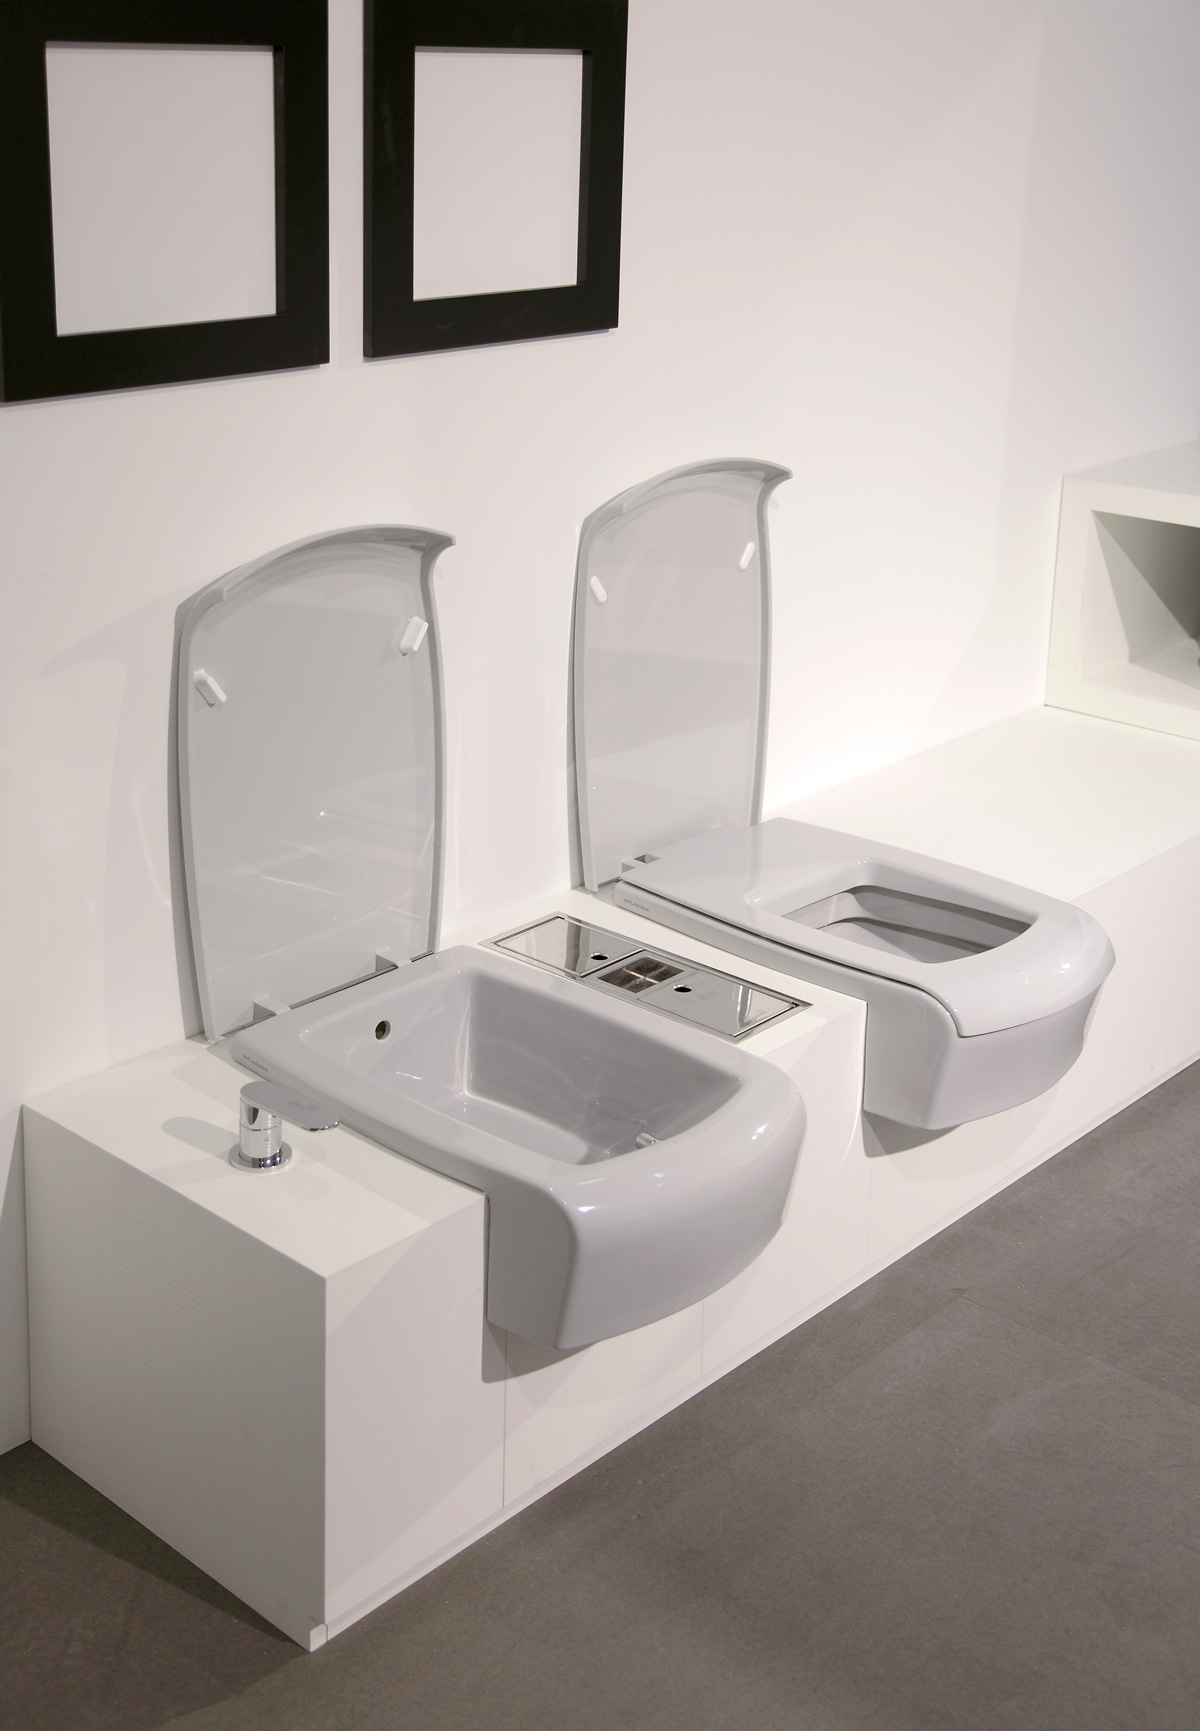 Gallery sanitari Flaminia - Daripa Lecce